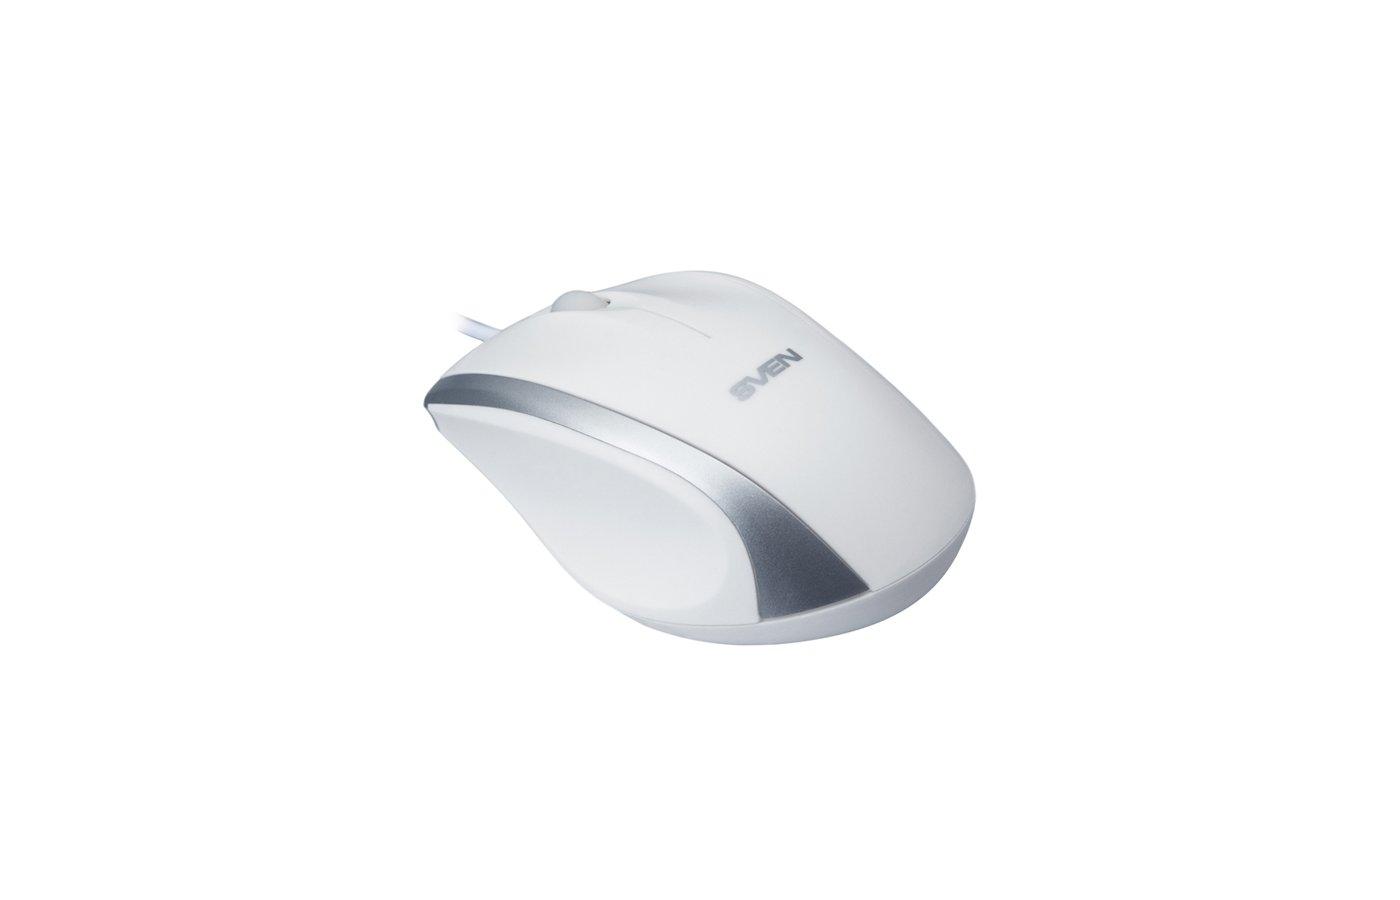 Мышь проводная SVEN RX-180 белая